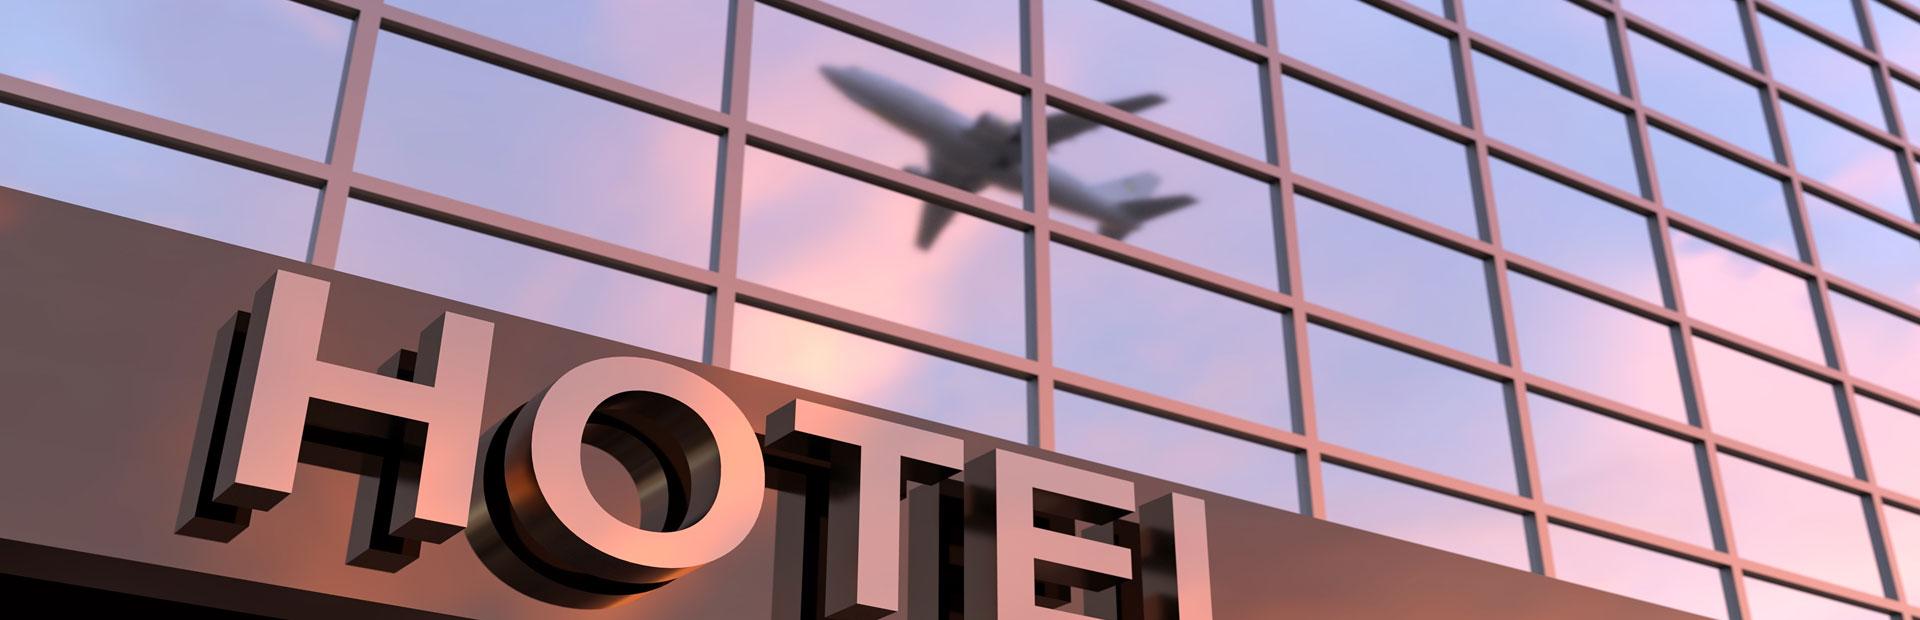 Aéroport de Lille Liste des destinations